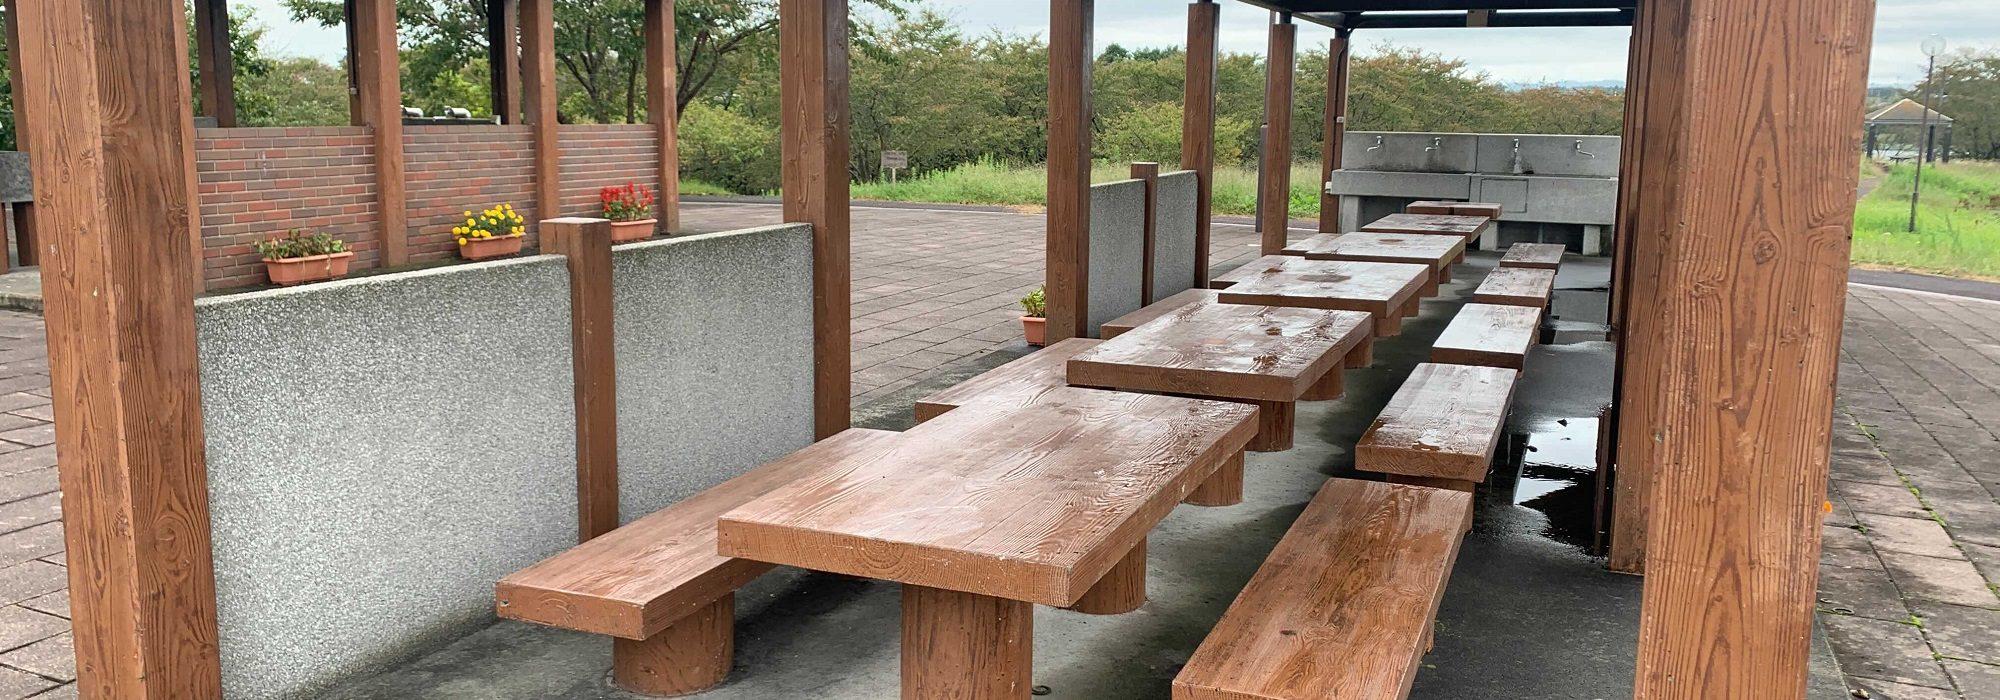 テーブルとベンチもあり施設が整っている